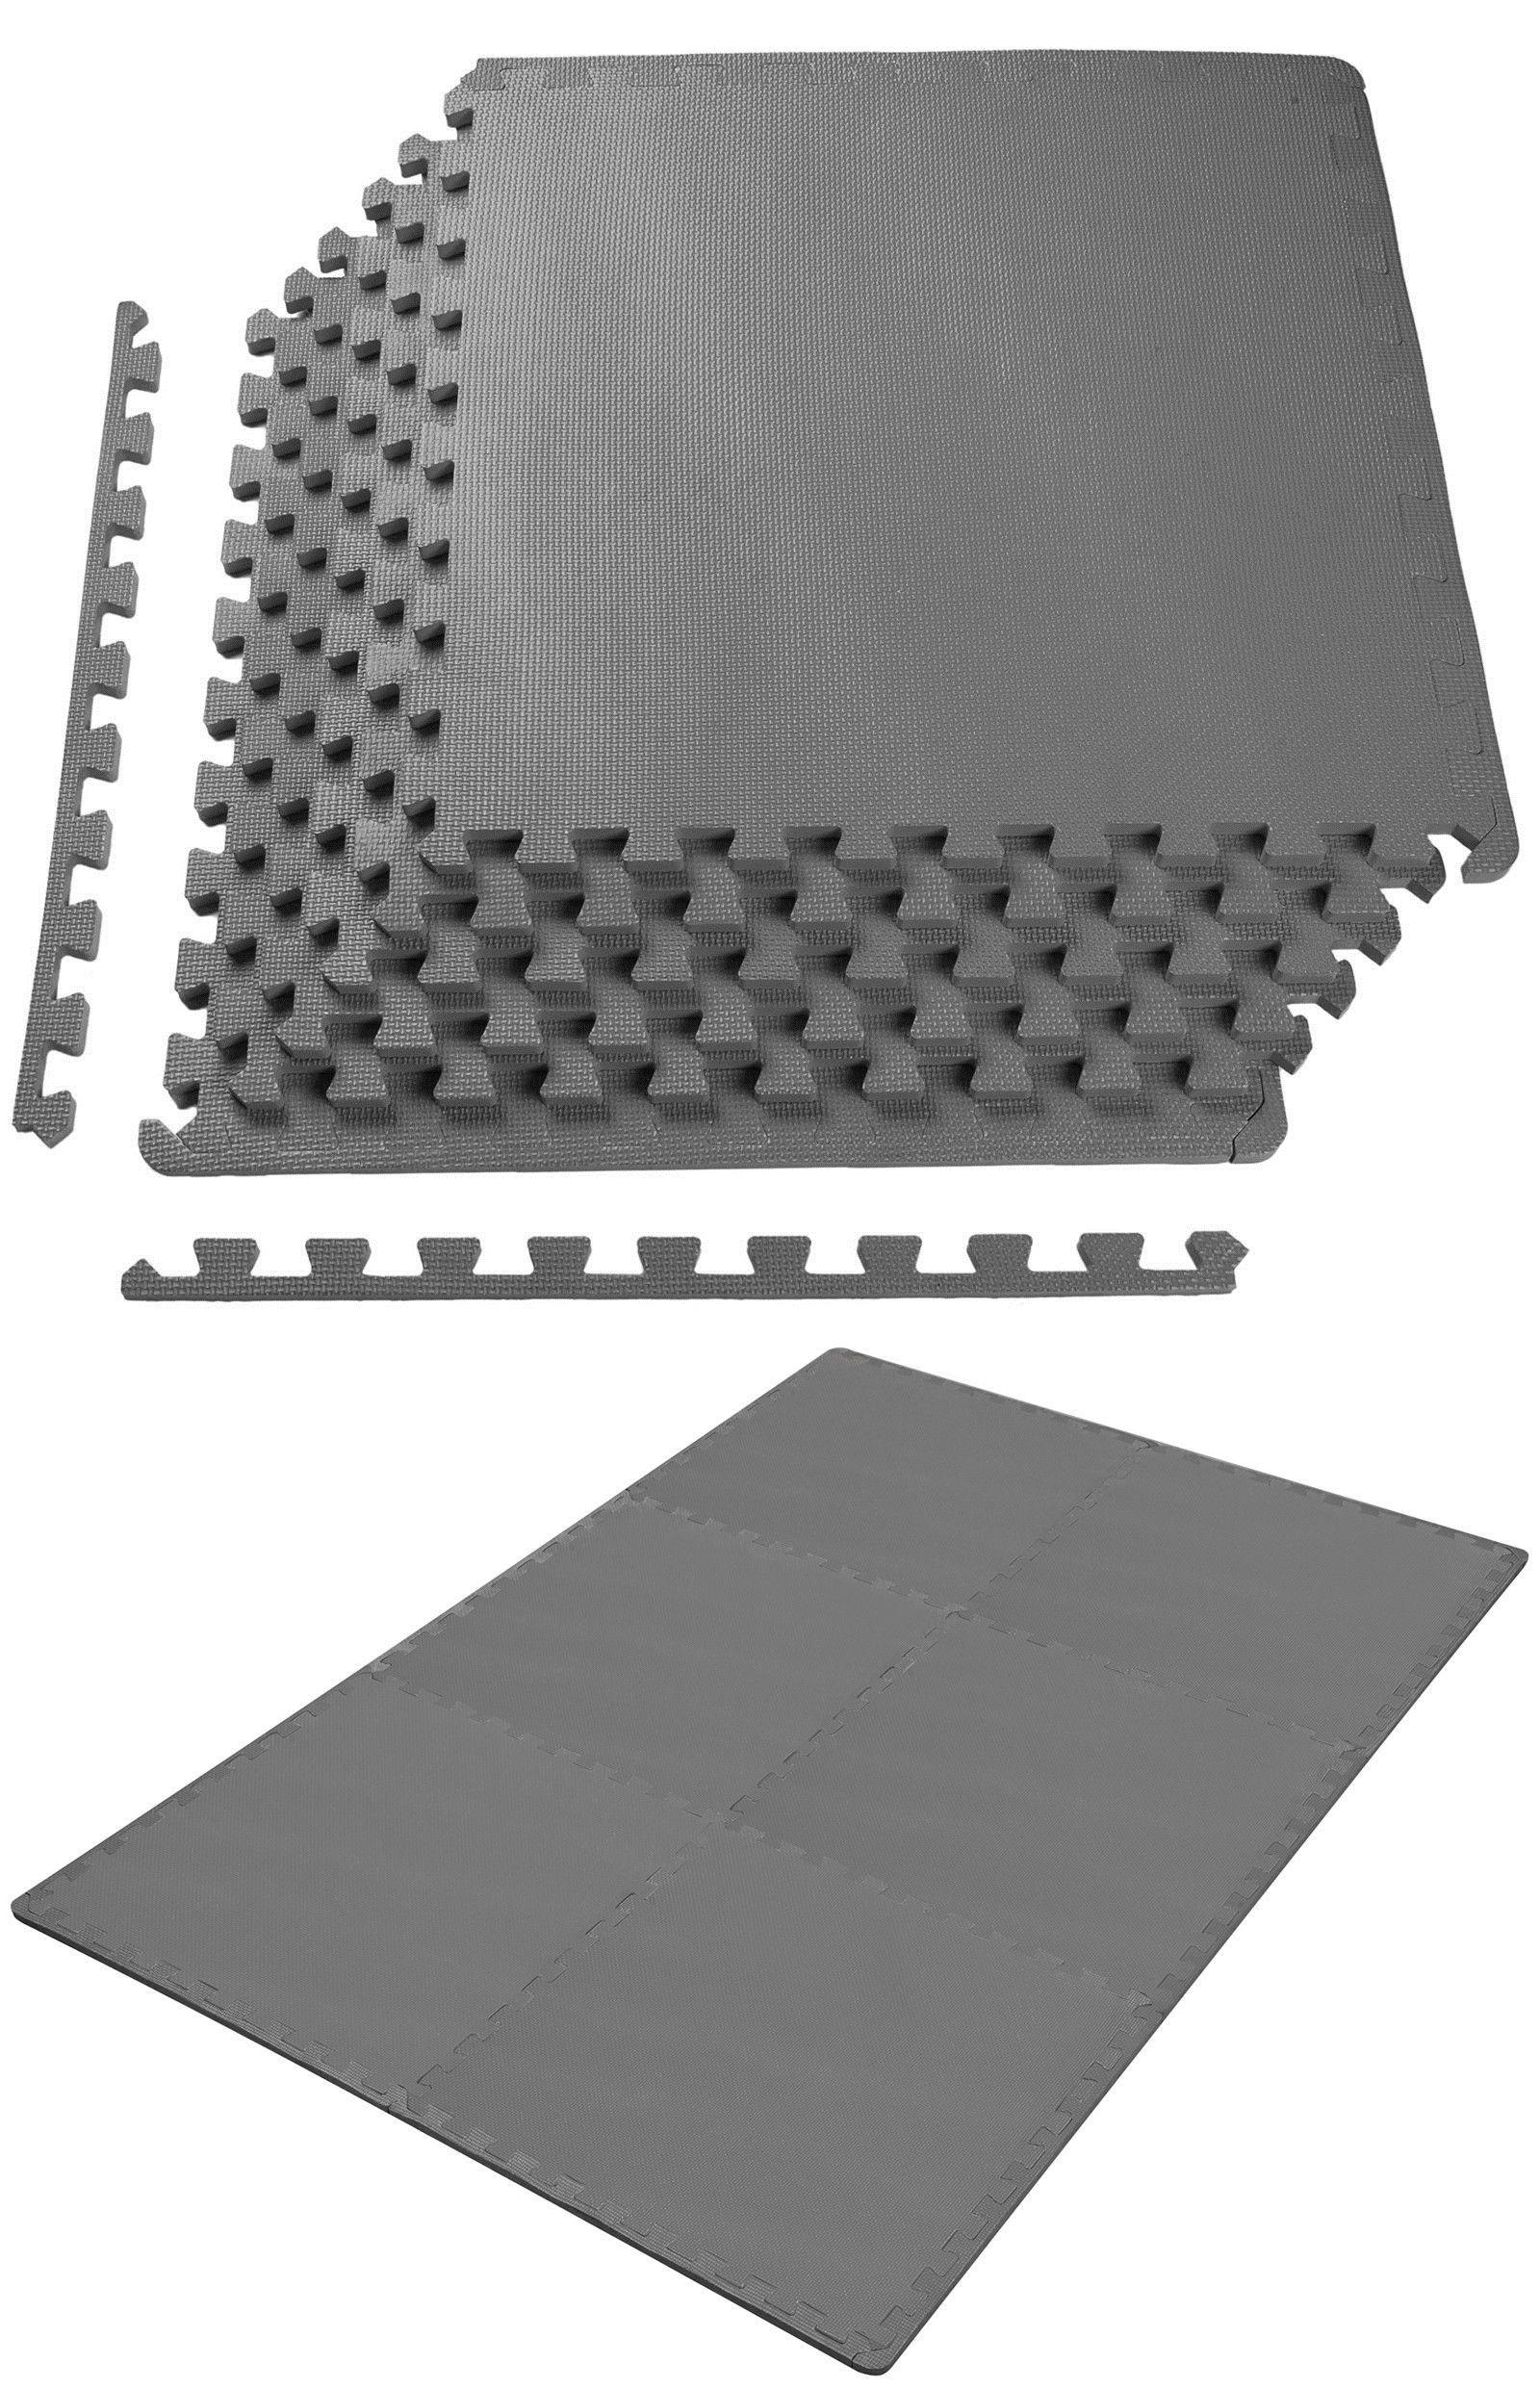 llc out can floor garage g put mat over epoxy a waterproof roll mats my flooring i